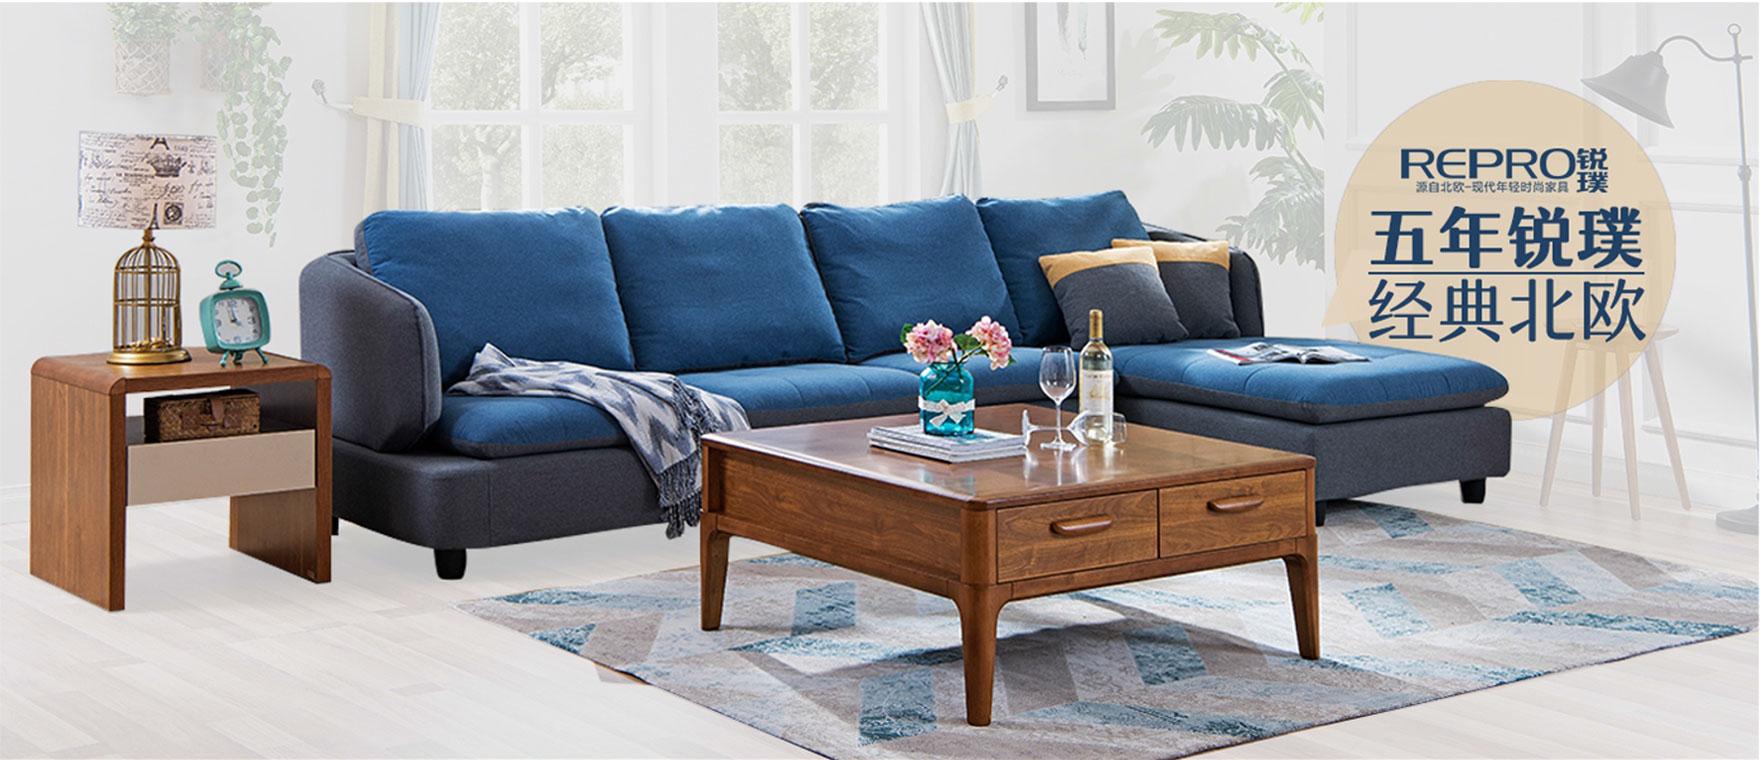 森盛北欧家具